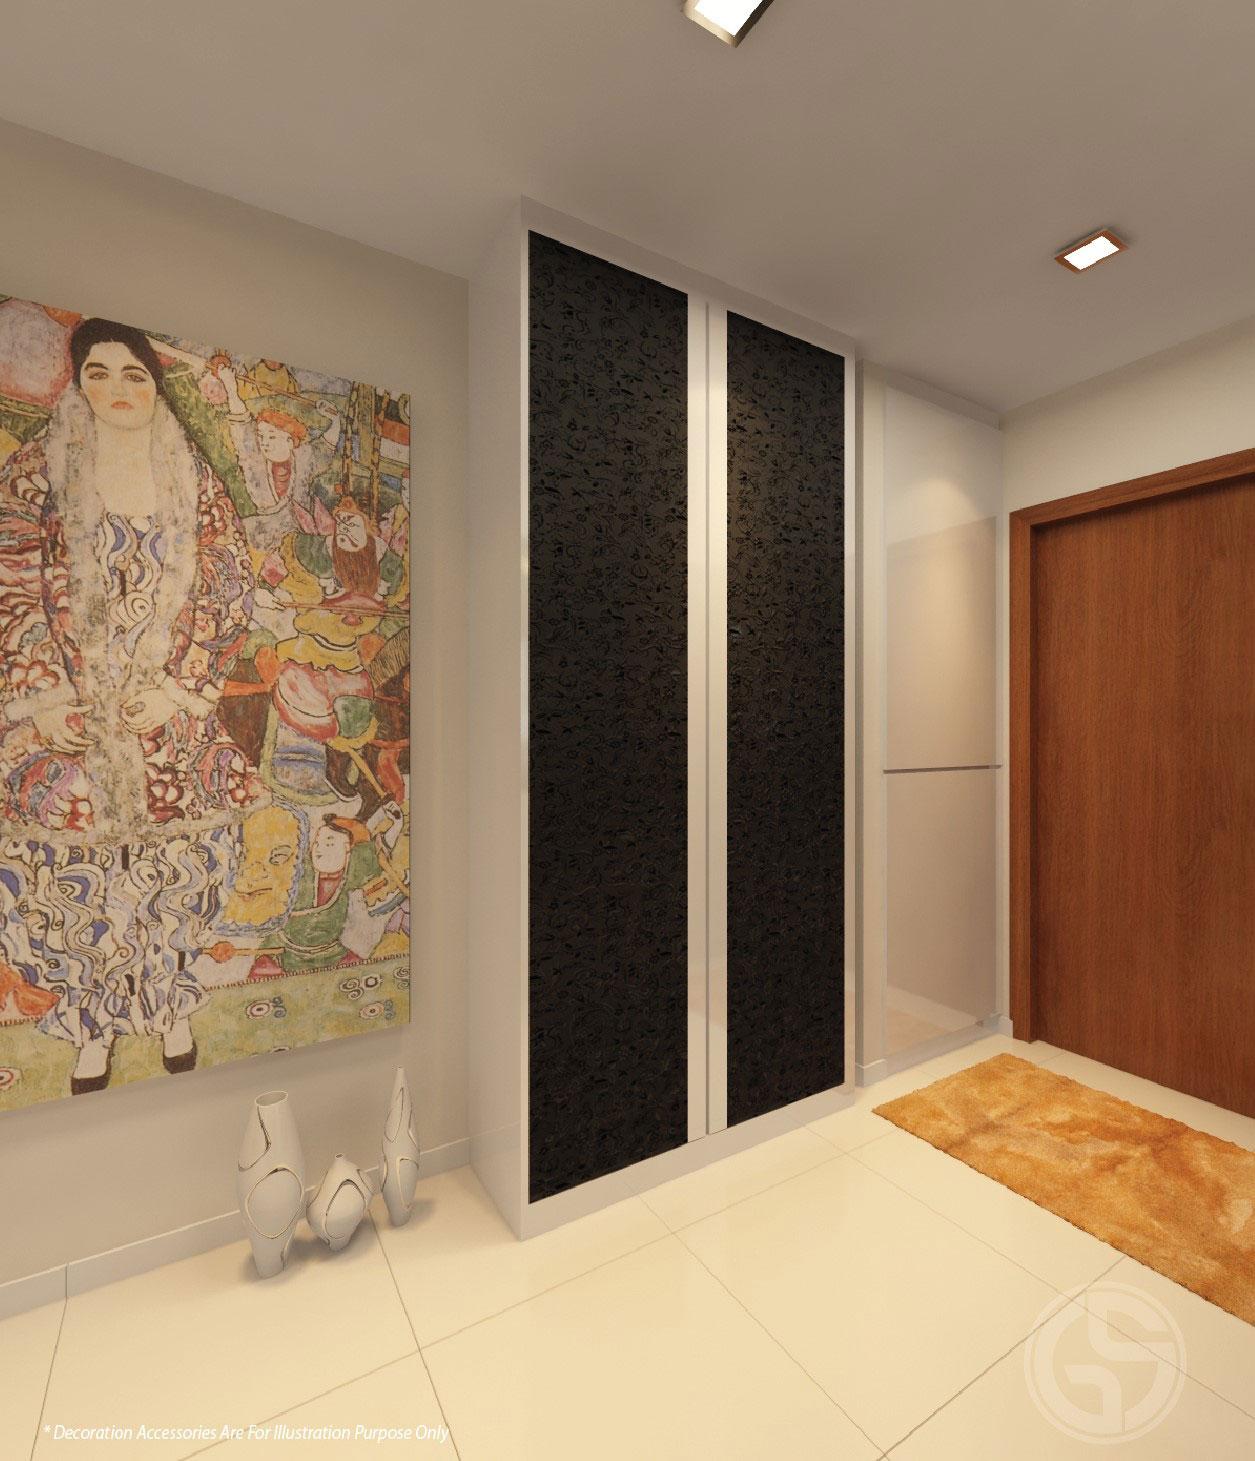 Interior Design For Hdb At Ang Mo Kio Avenue 1: 673A-Edge-Field-Plains-3